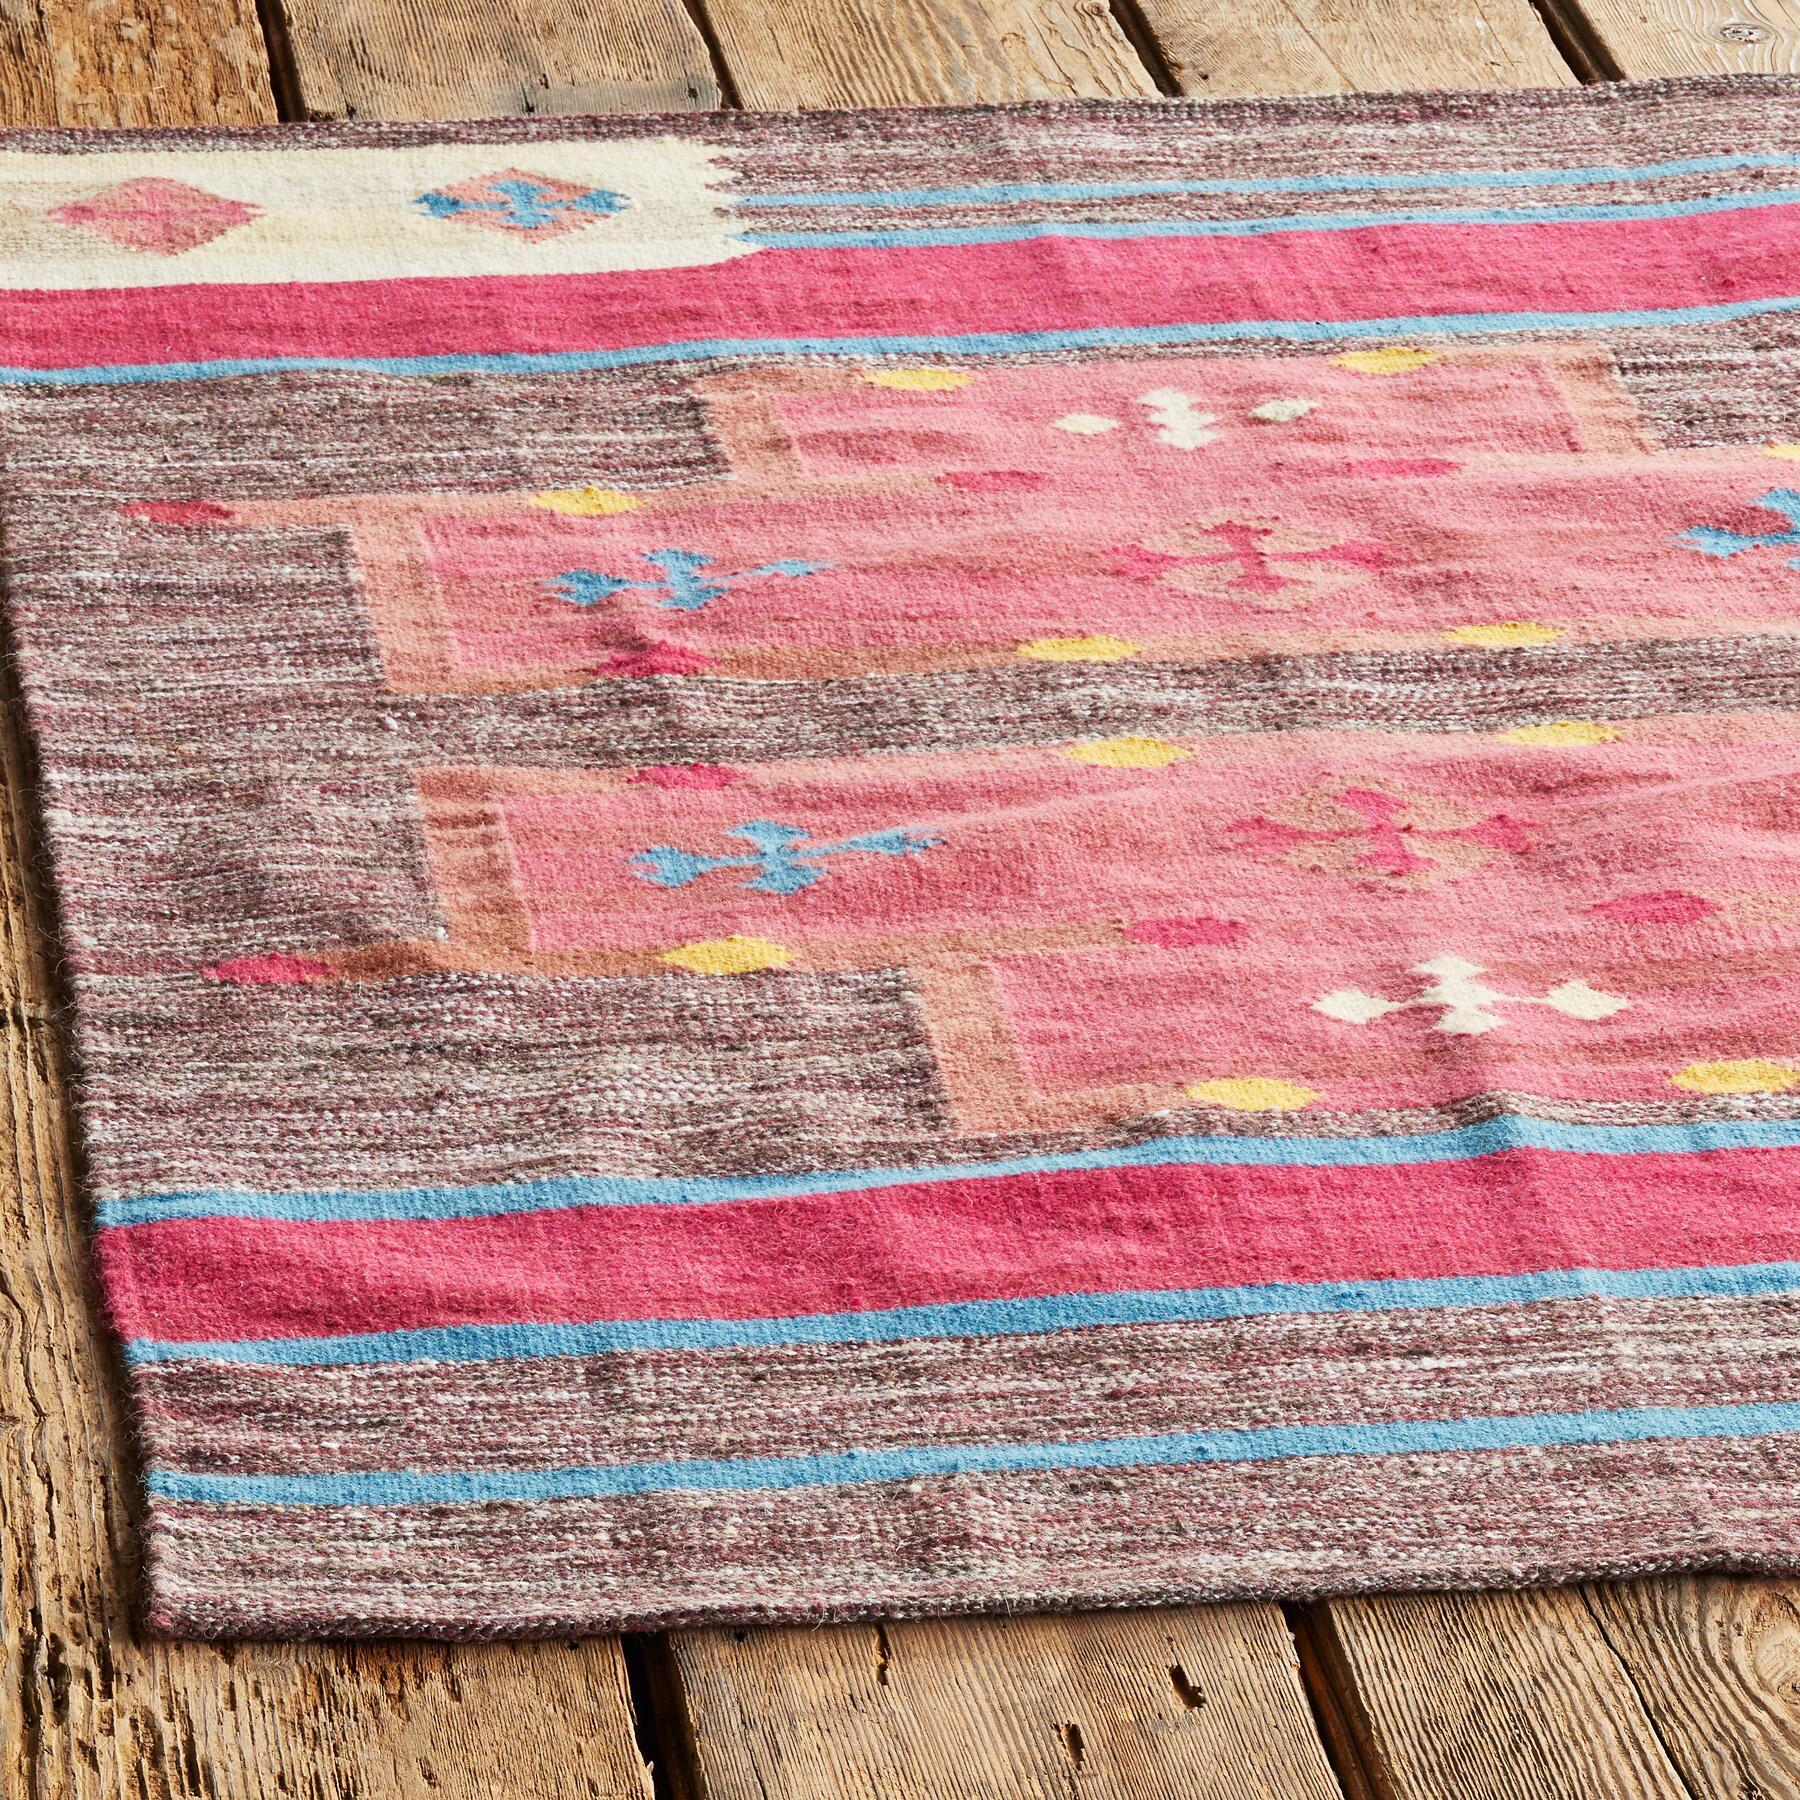 DESERT GLOW DHURRIE RUG: View 2